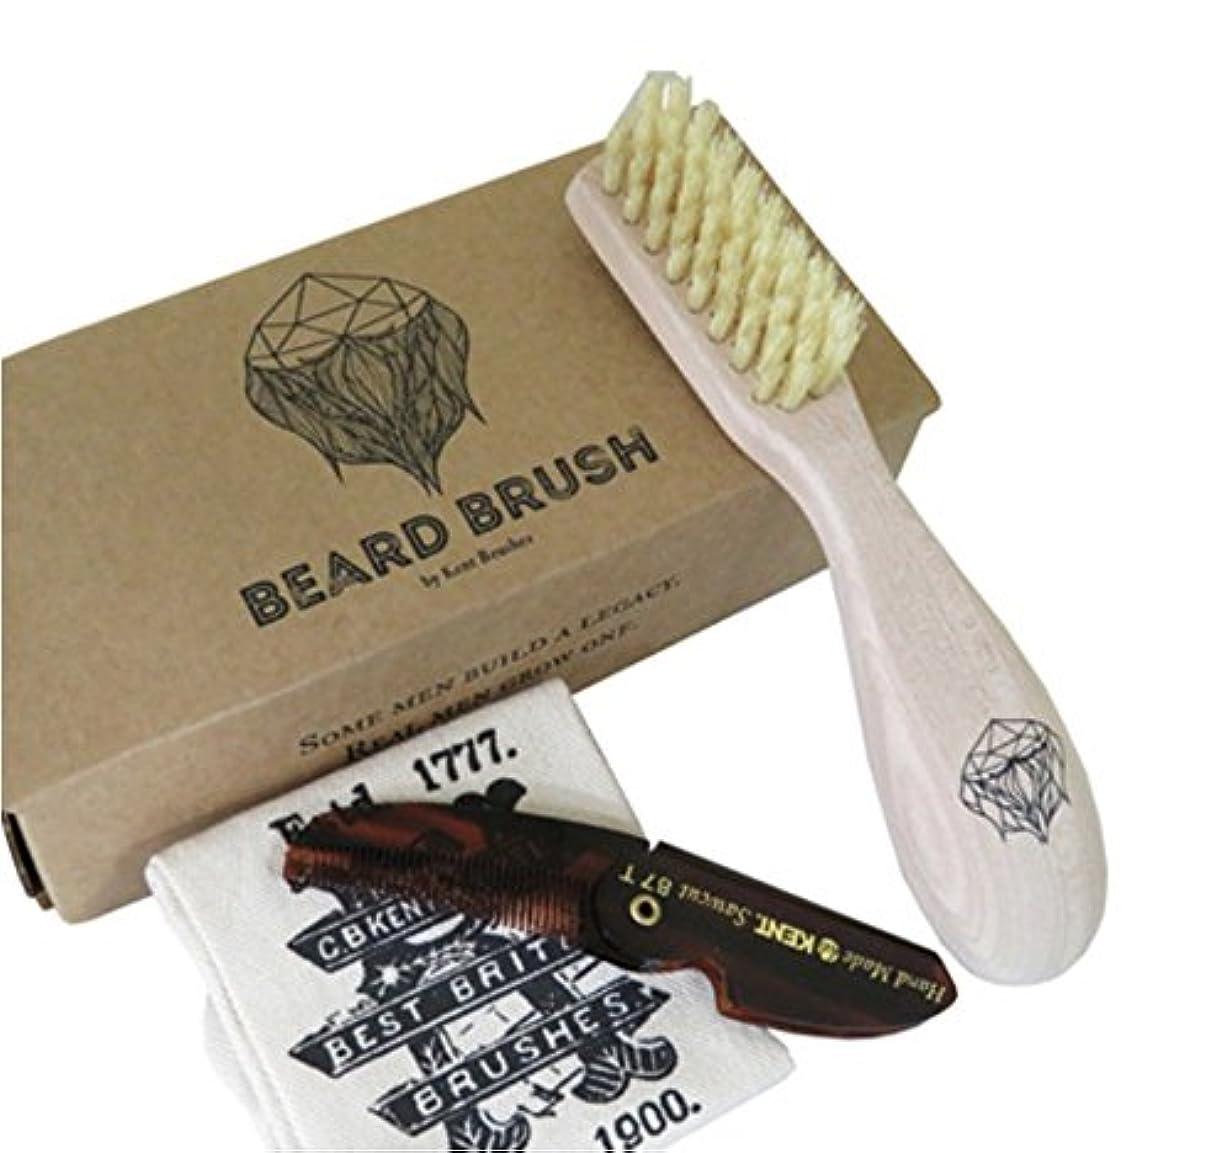 志すレインコートに話すGB KENT メンズ Beard Brush (ビアードブラシ) ひげ用 ブラシ BRD1